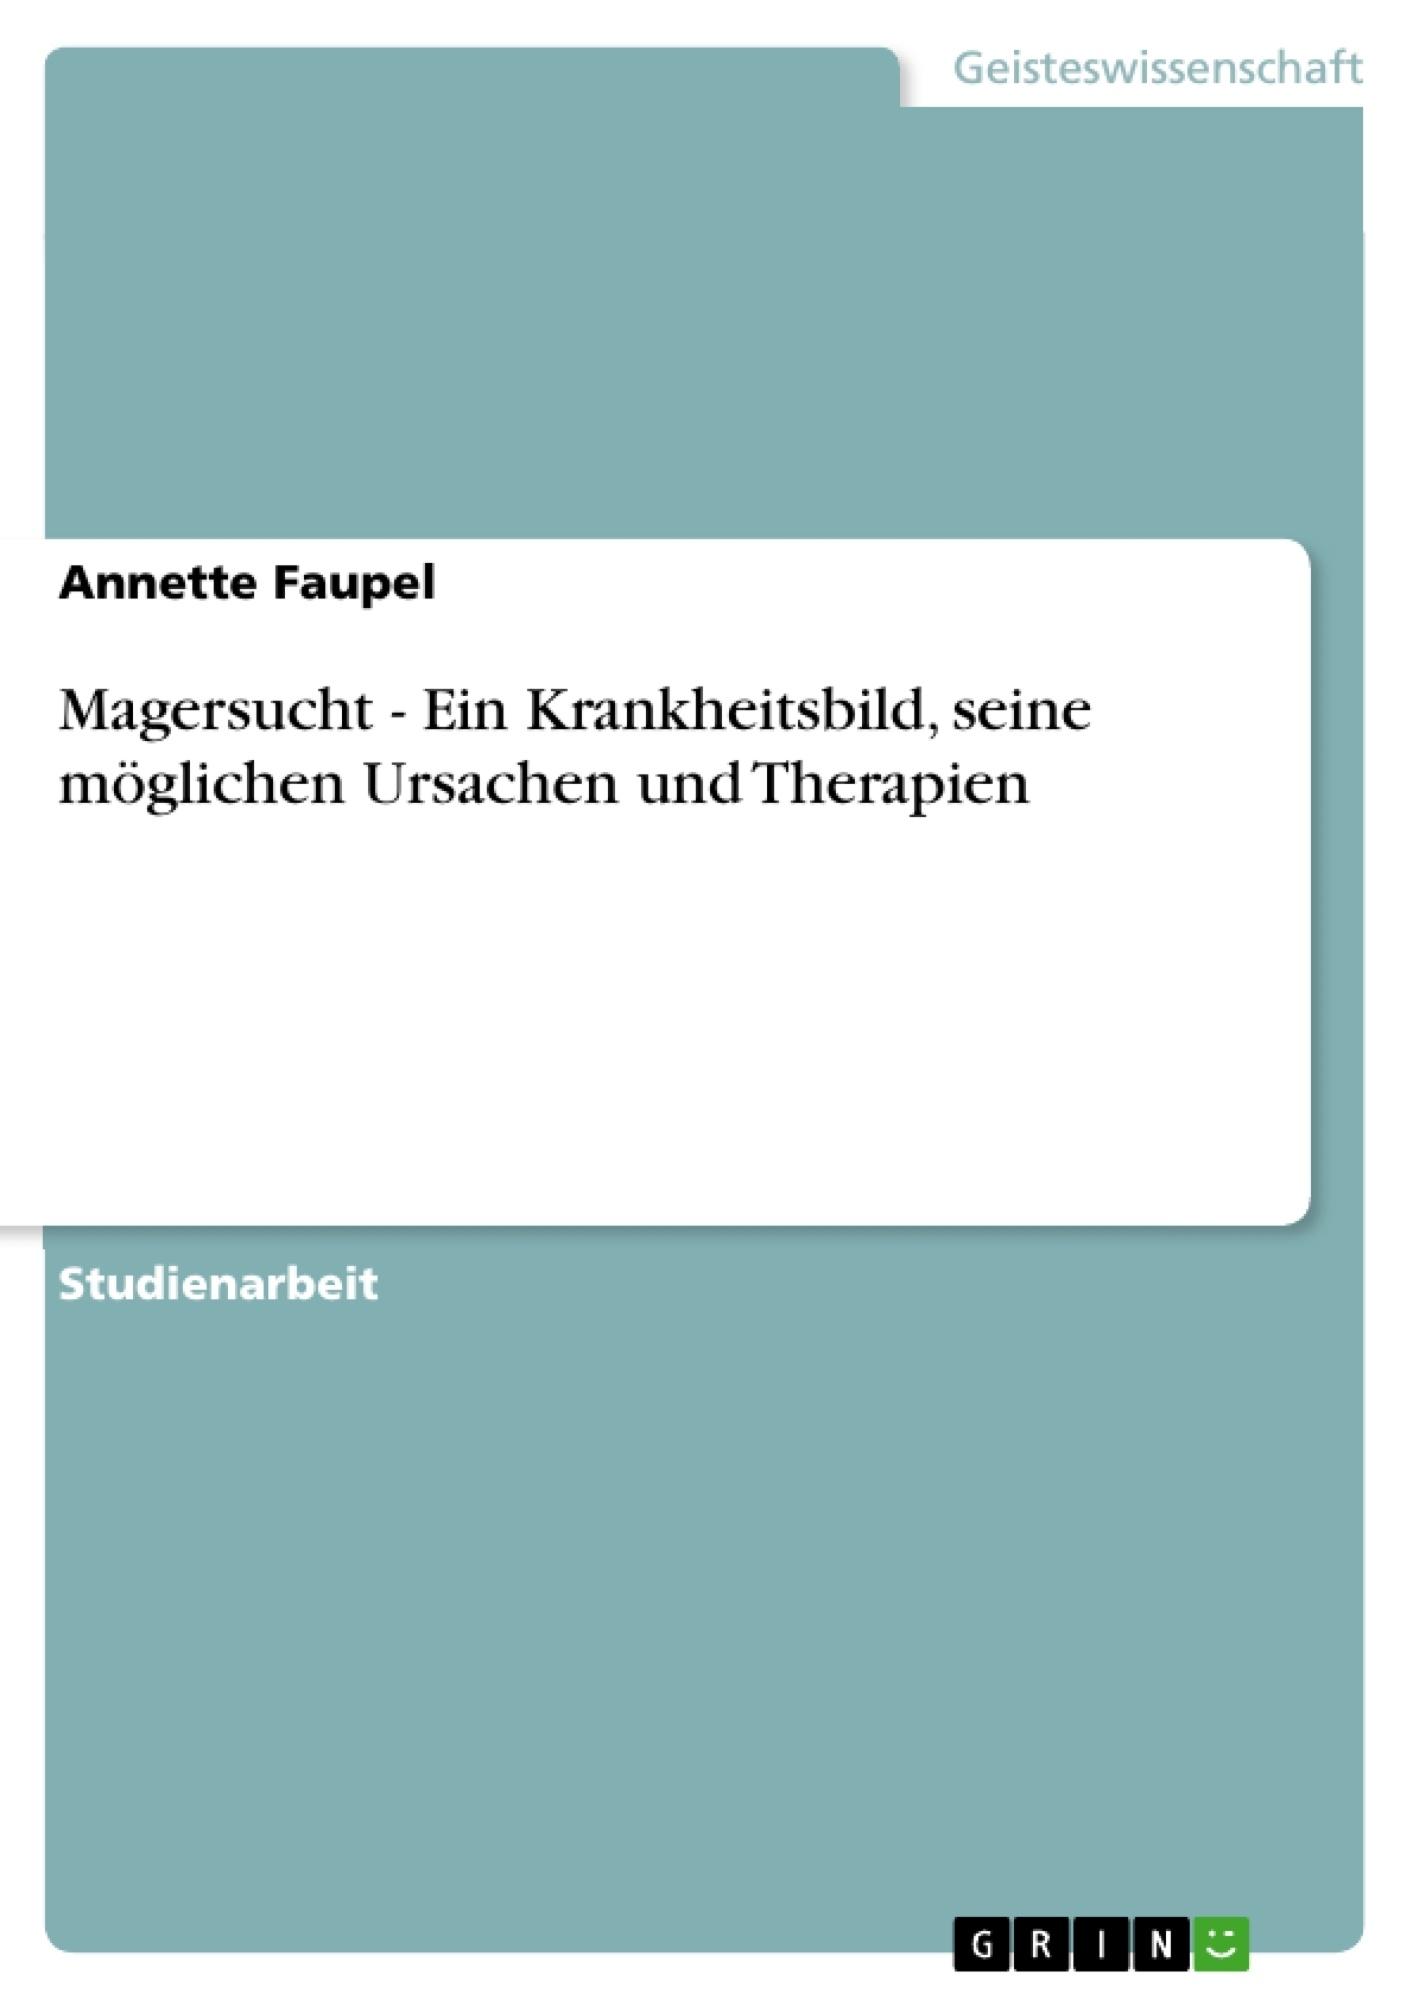 Titel: Magersucht - Ein Krankheitsbild, seine möglichen Ursachen und Therapien